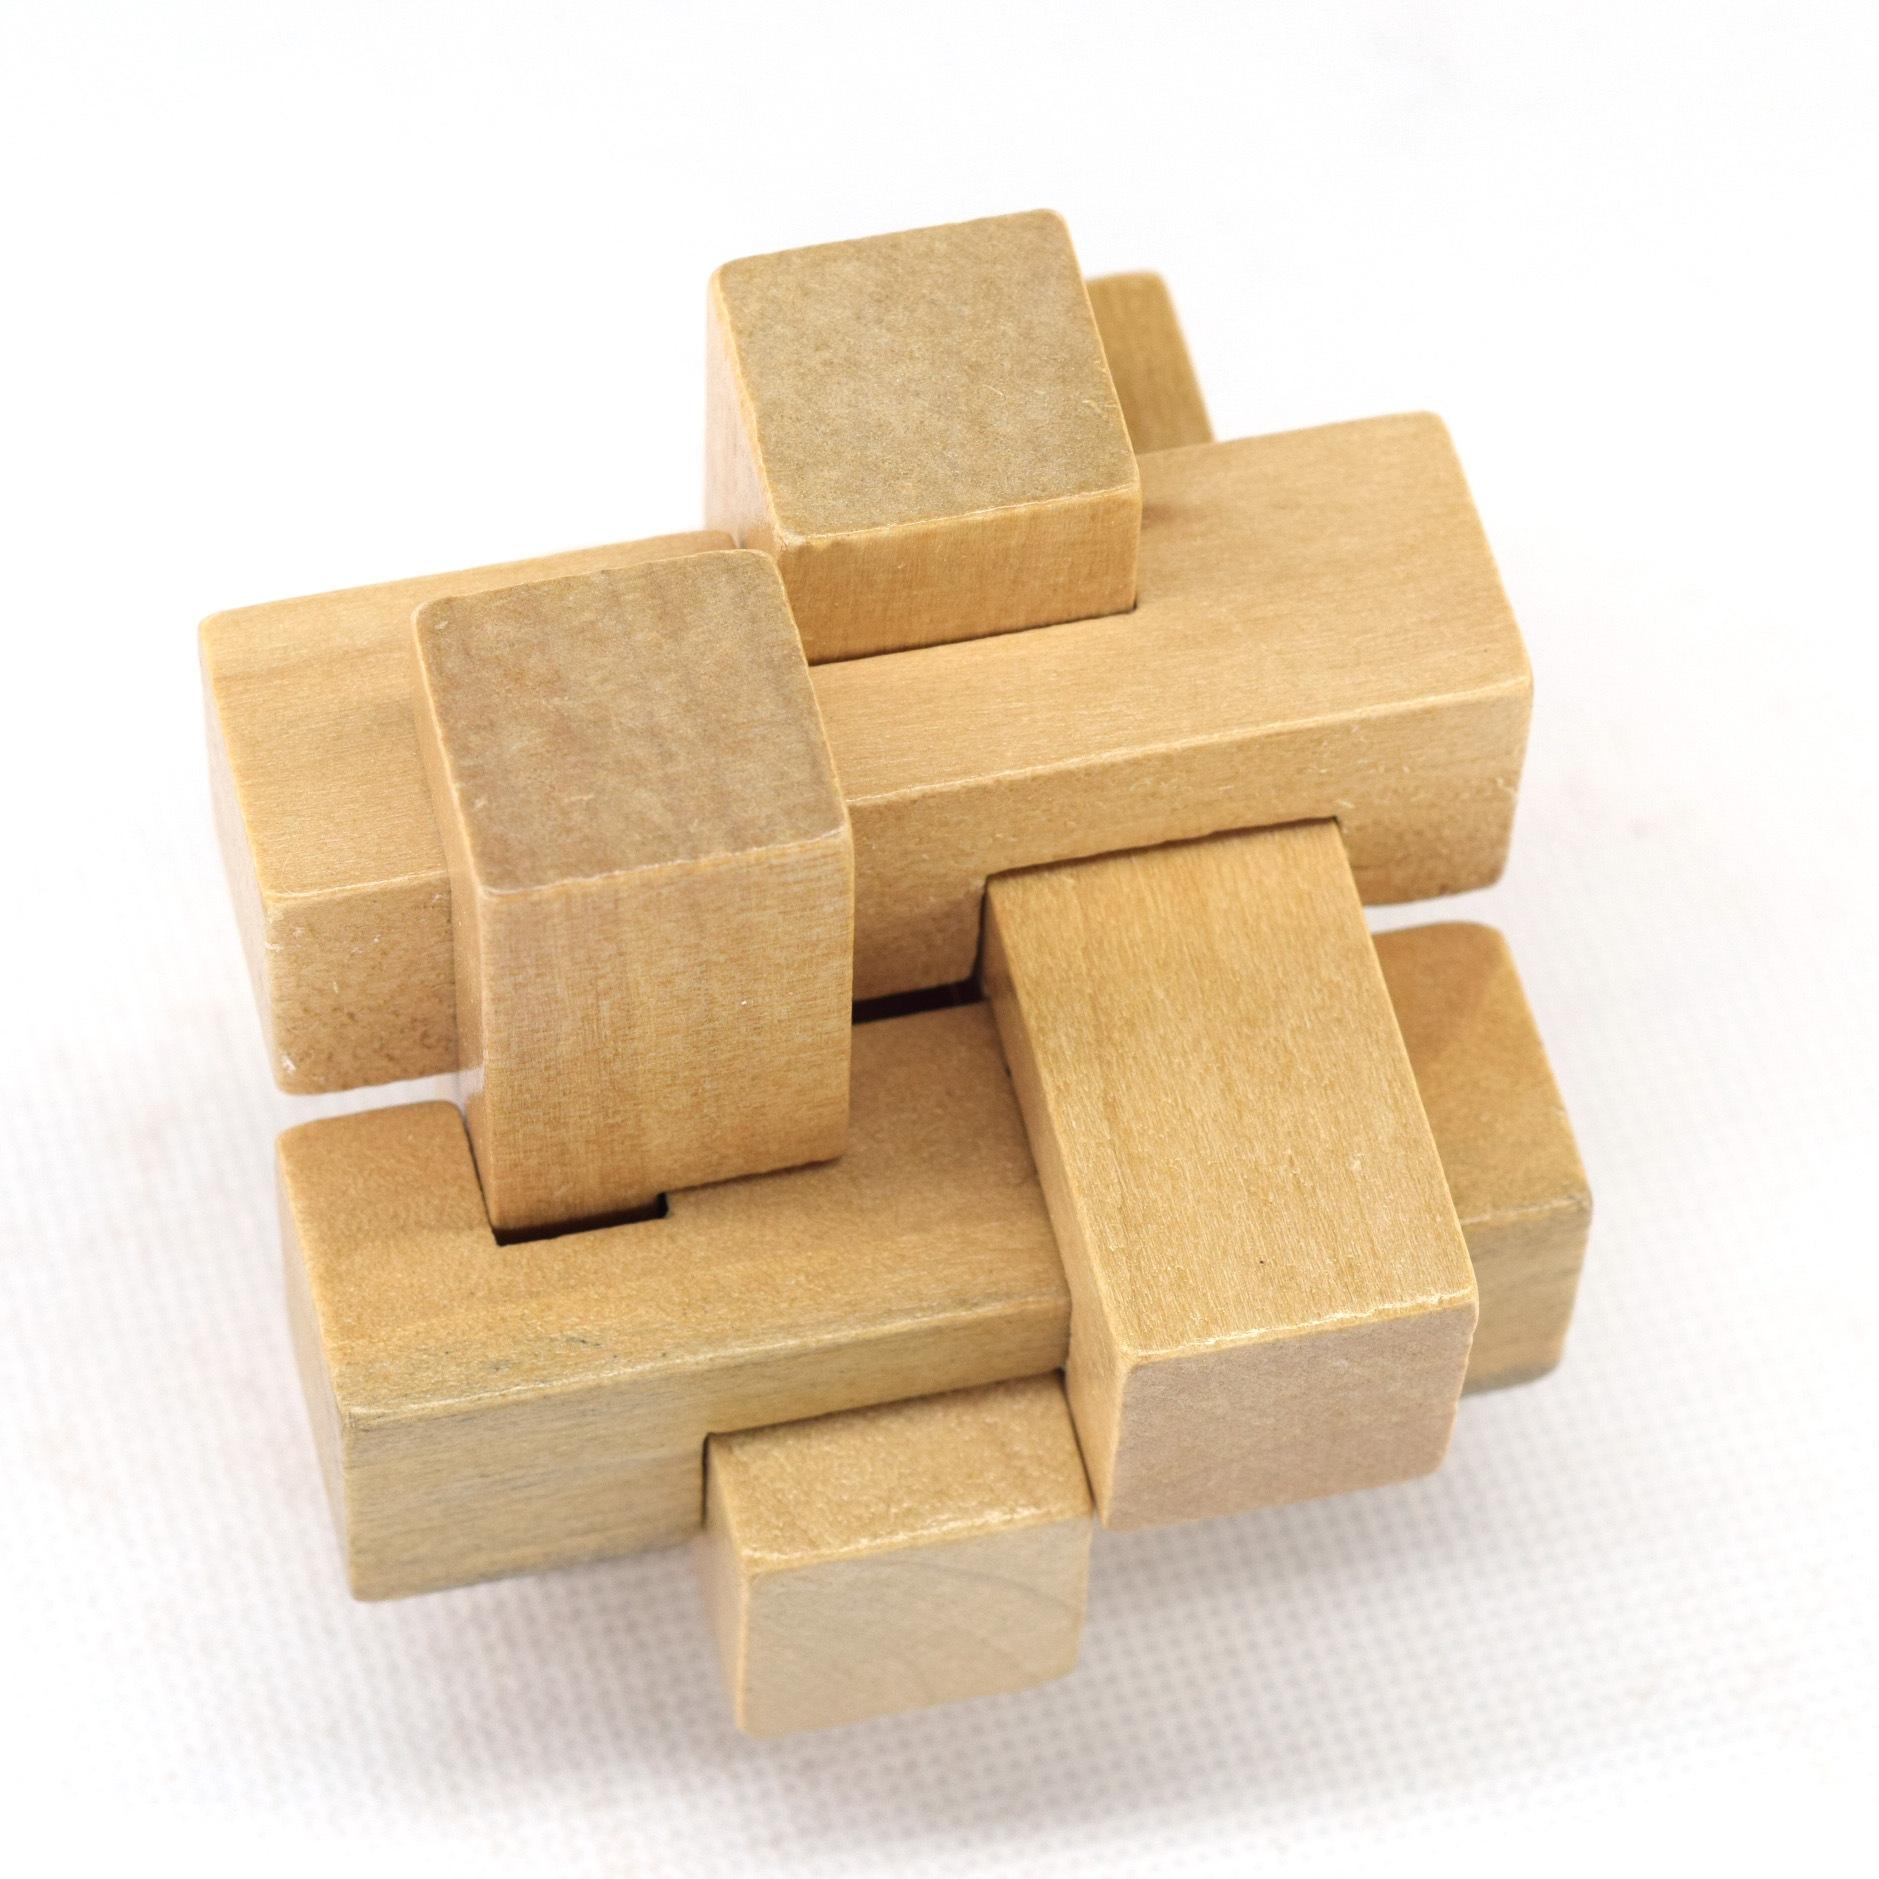 错格 孔明锁鲁班锁益智科教木玩解环解锁成